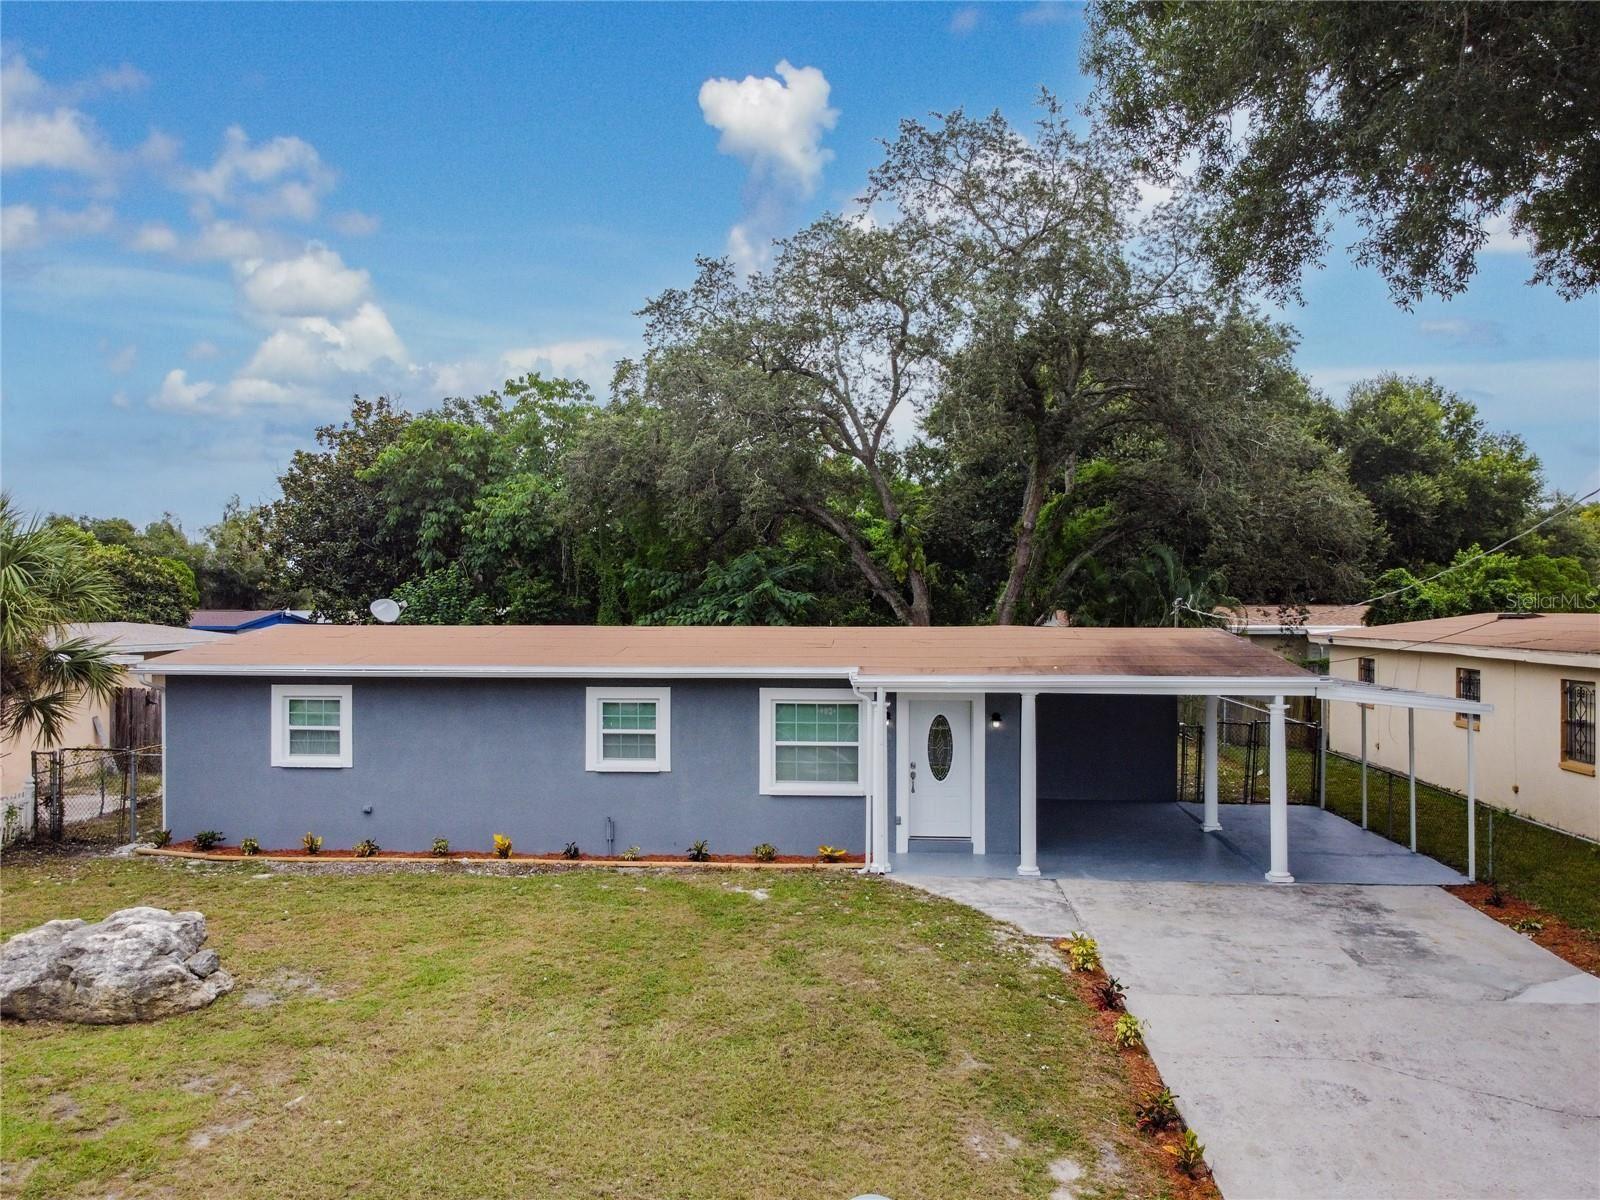 5903 N 43RD STREET, Tampa, FL 33610 - #: T3326353